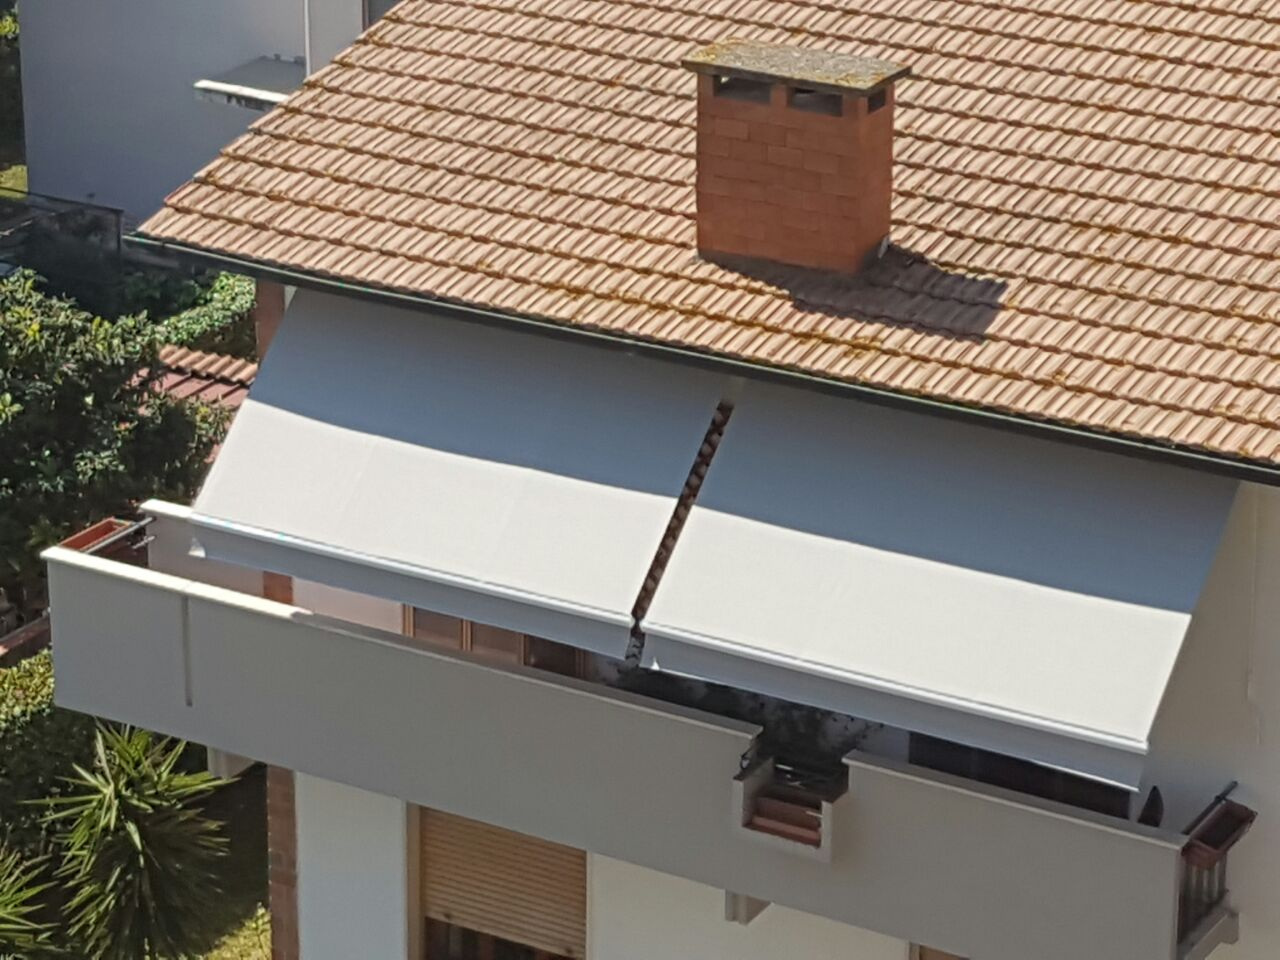 tenda a braccio su balcone con inclinazione personalizzata